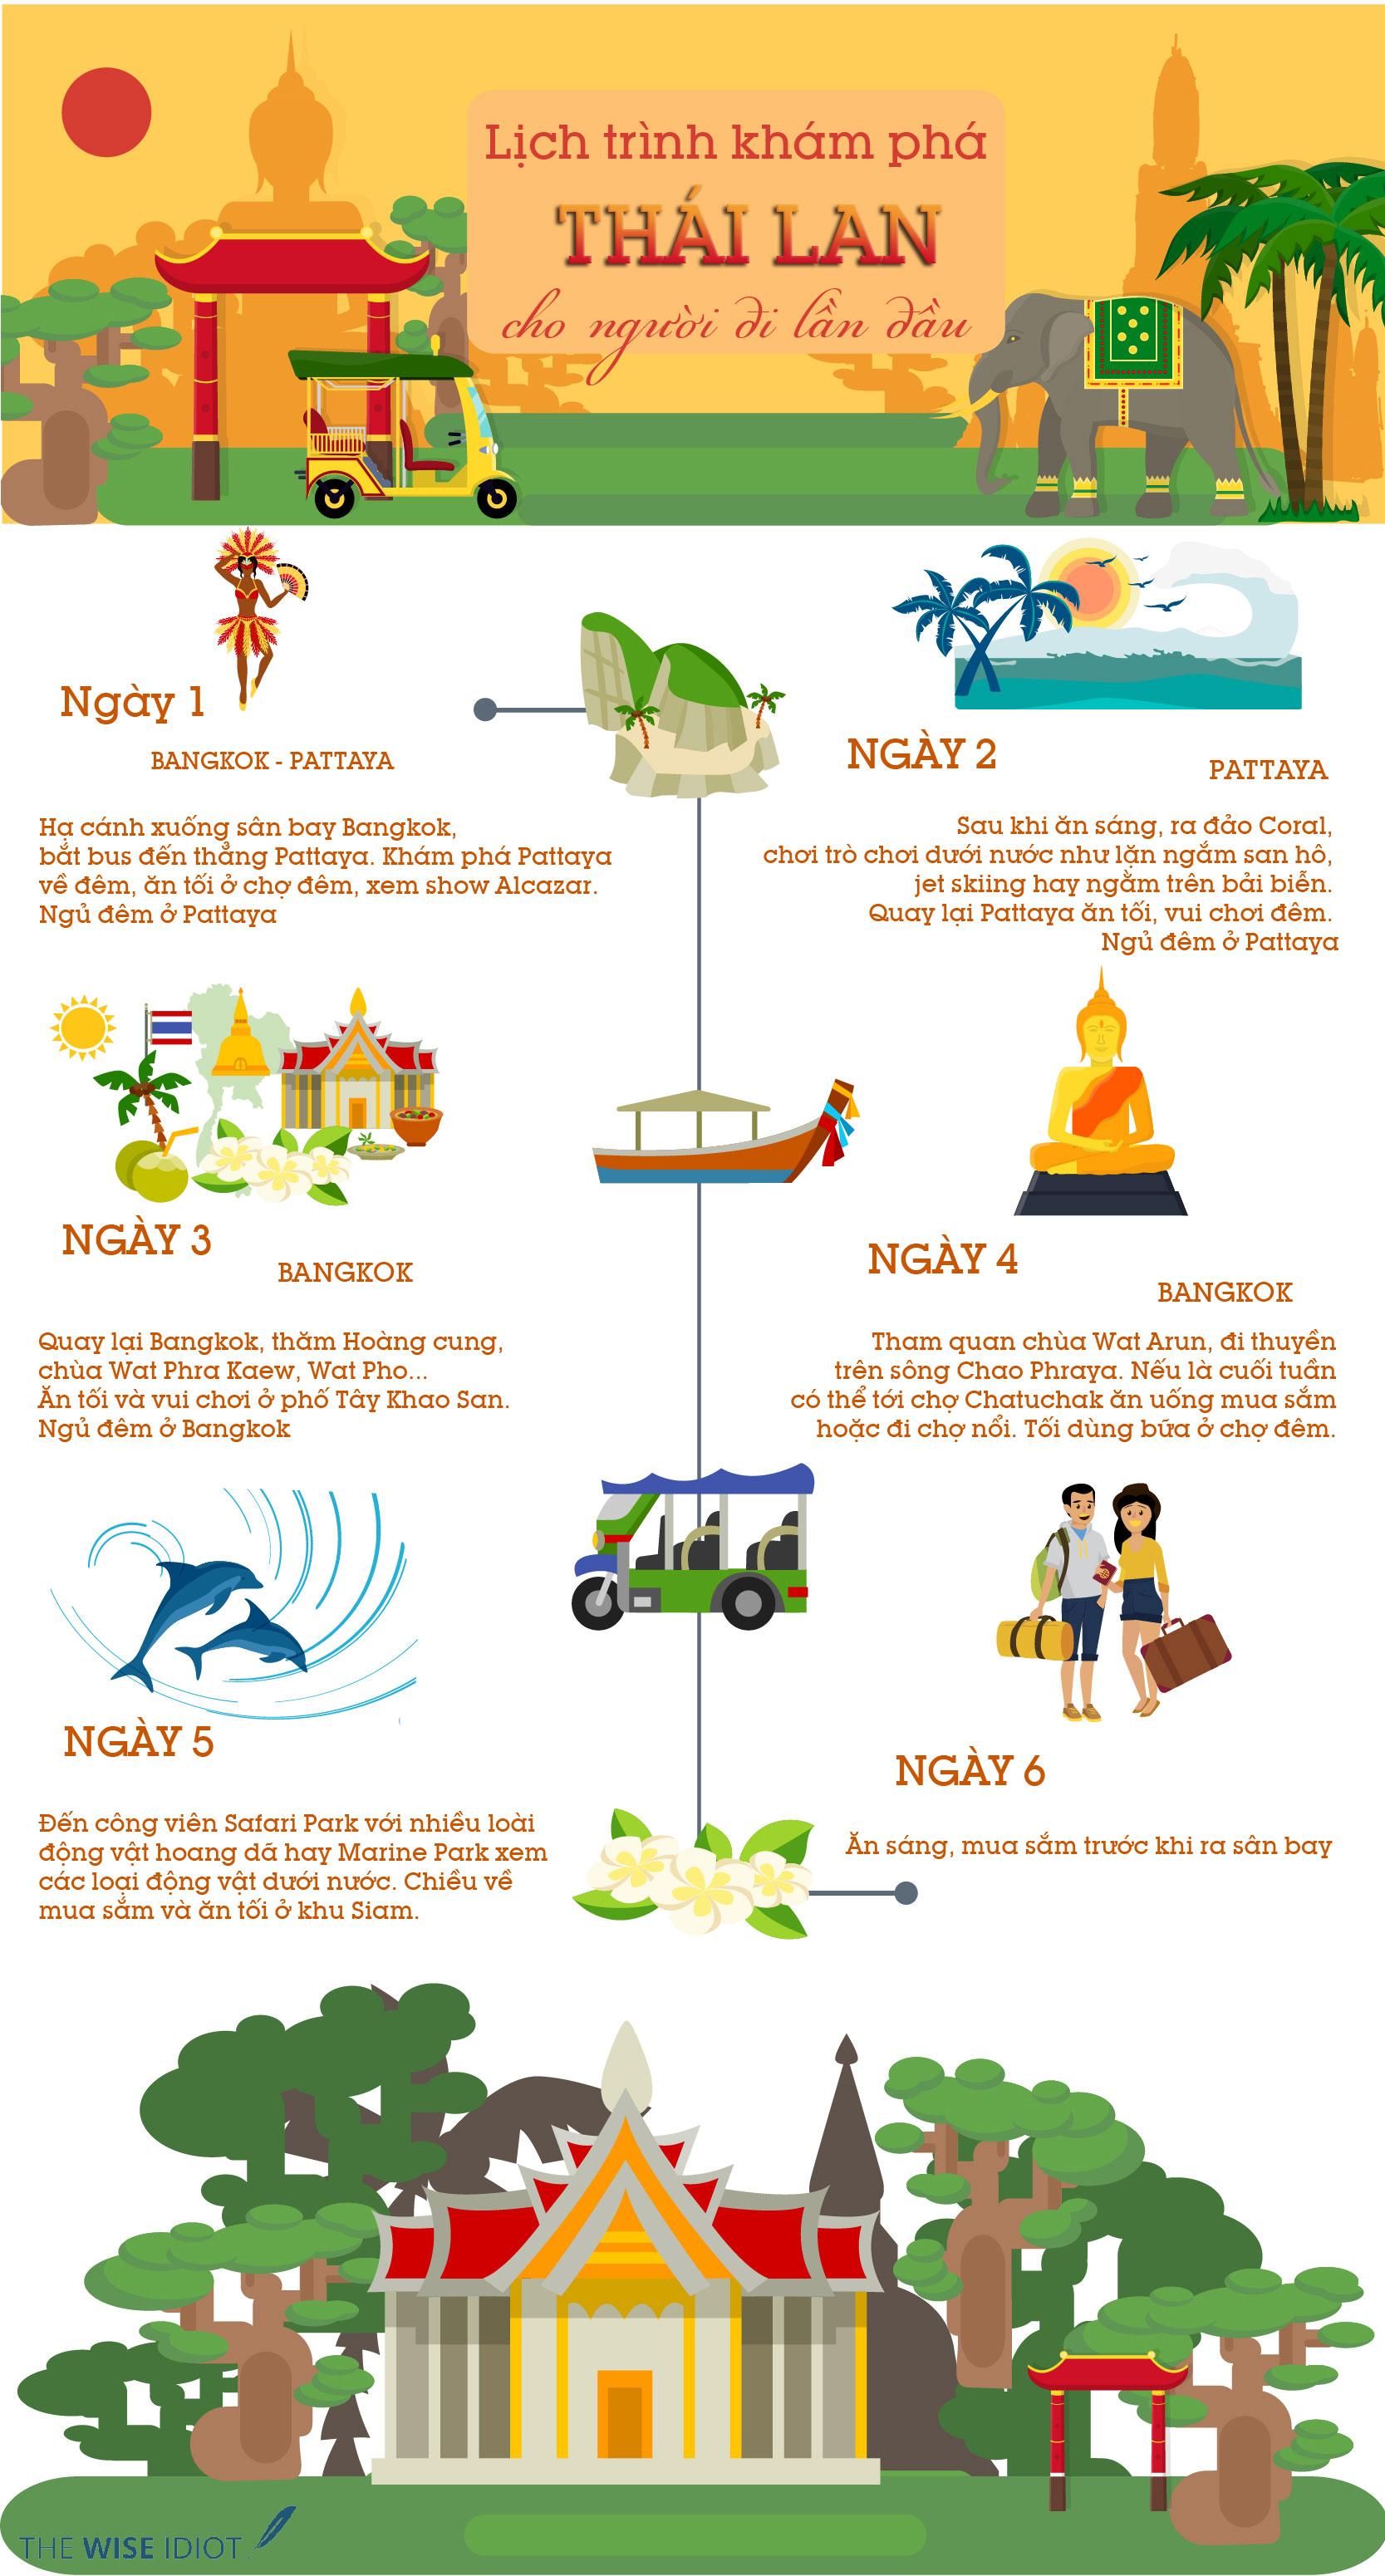 Gợi ý lịch trình Thái Lan cho người lần đầu đi tự túc